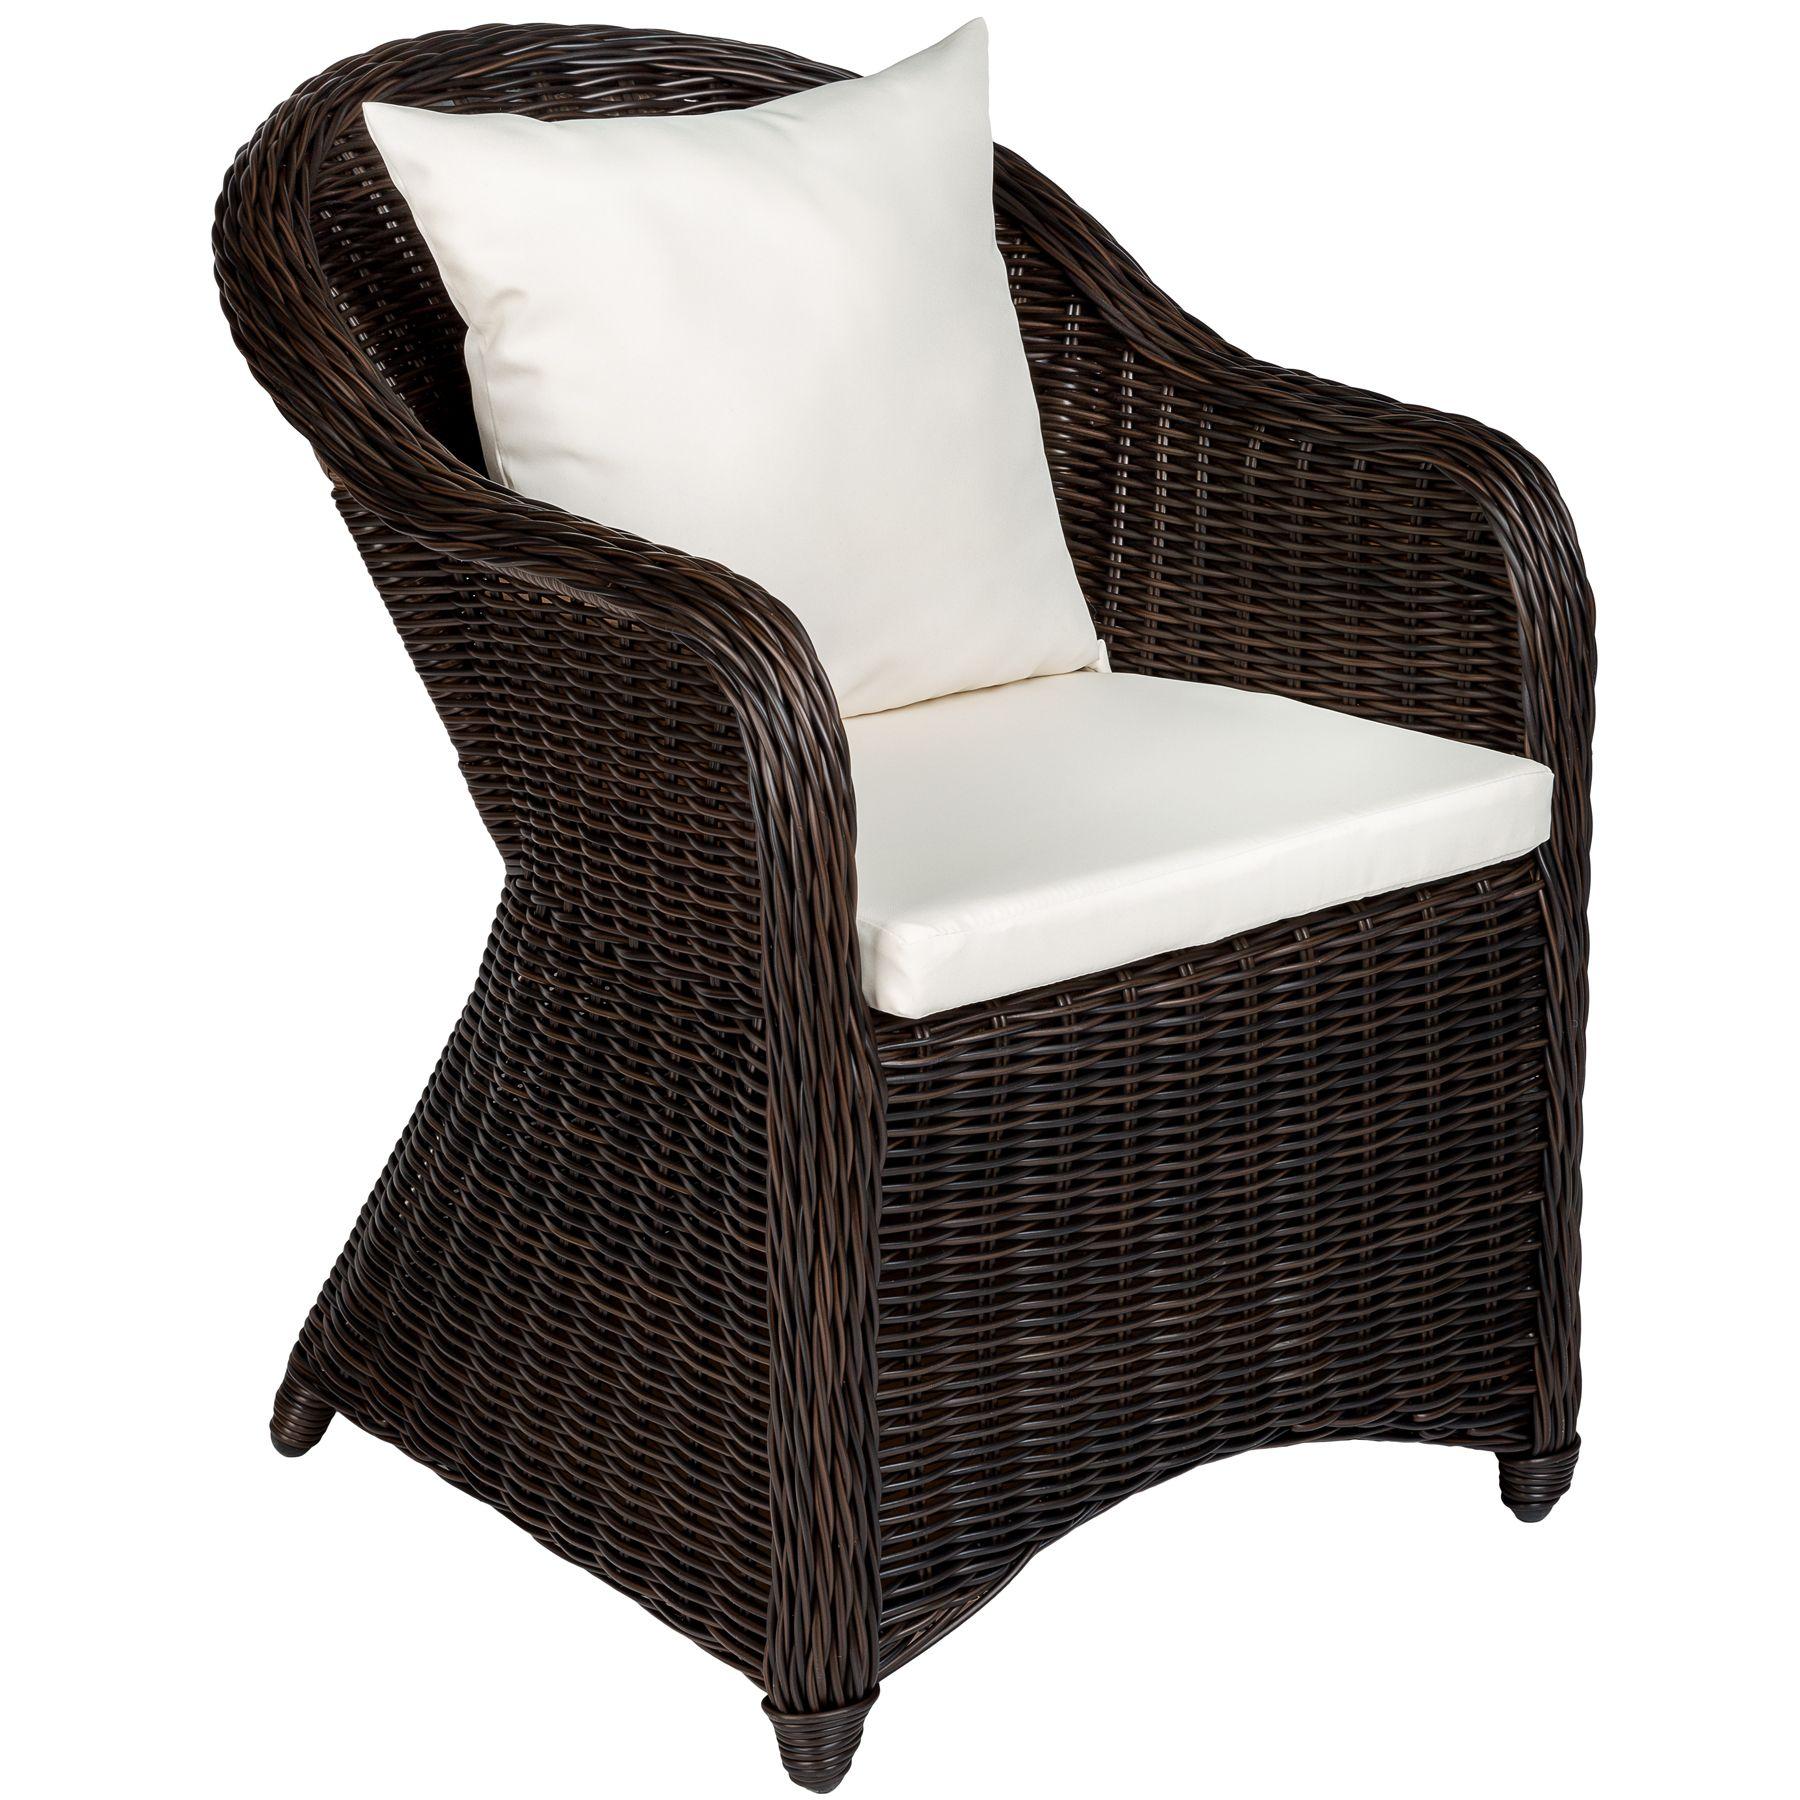 Détails sur Aluminium chaise de jardin salon fauteuil siège en style osier  résine tressée